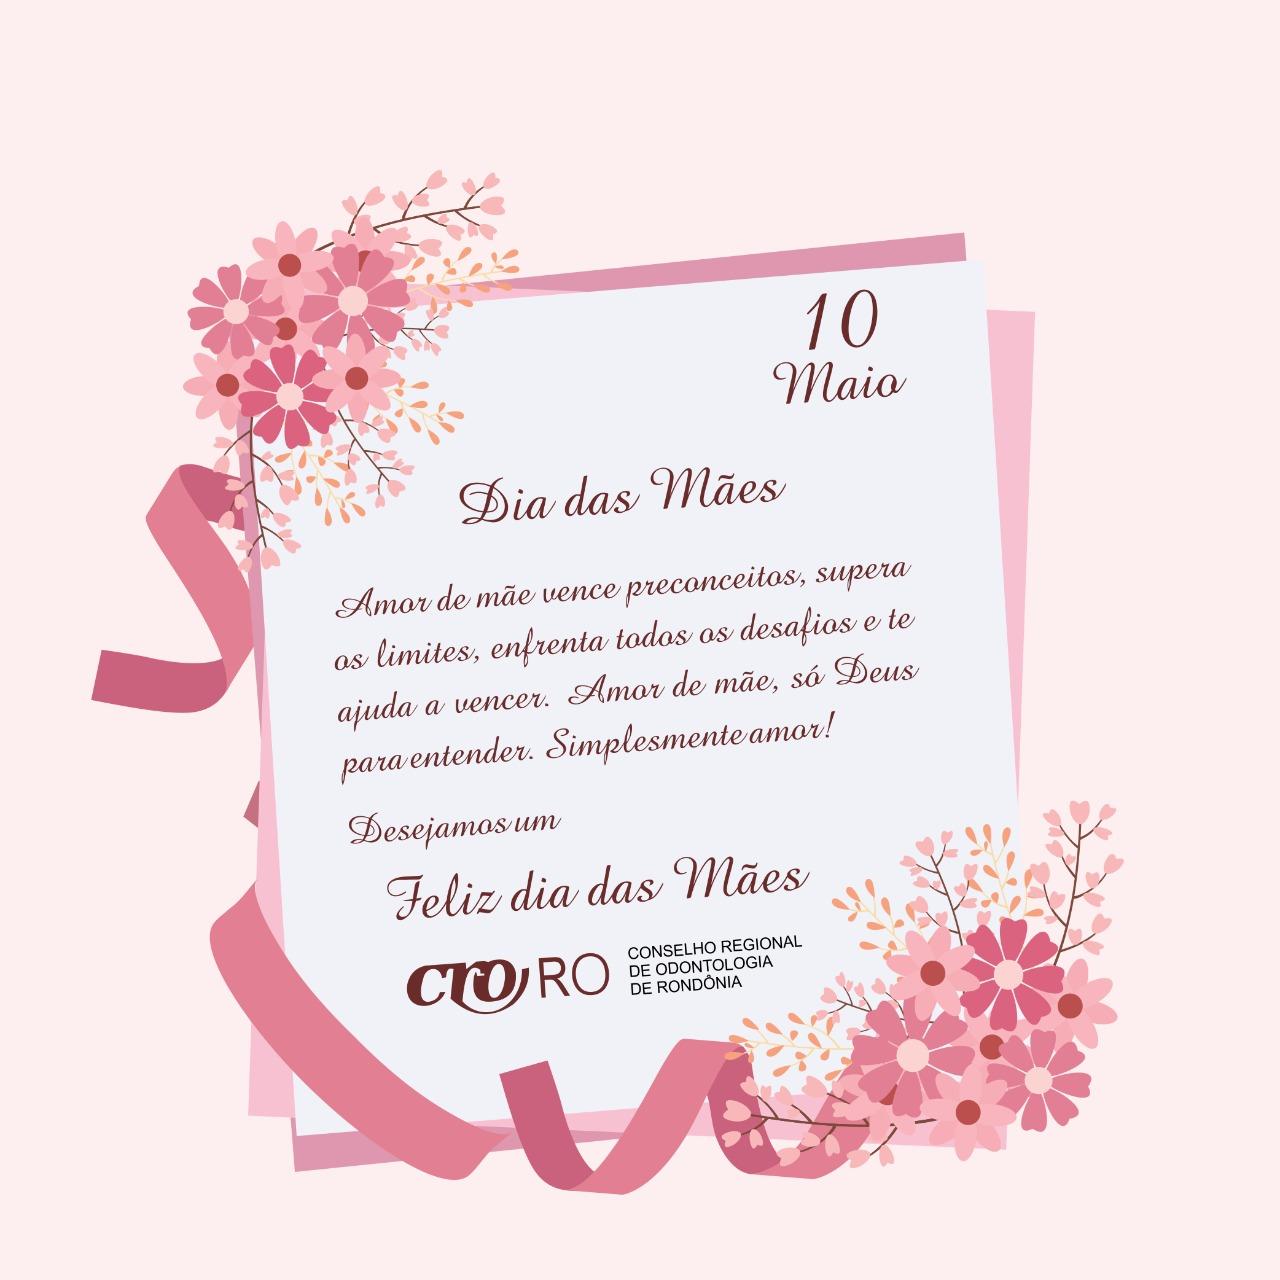 Dia das Mães uma homenagem do CRO-RO